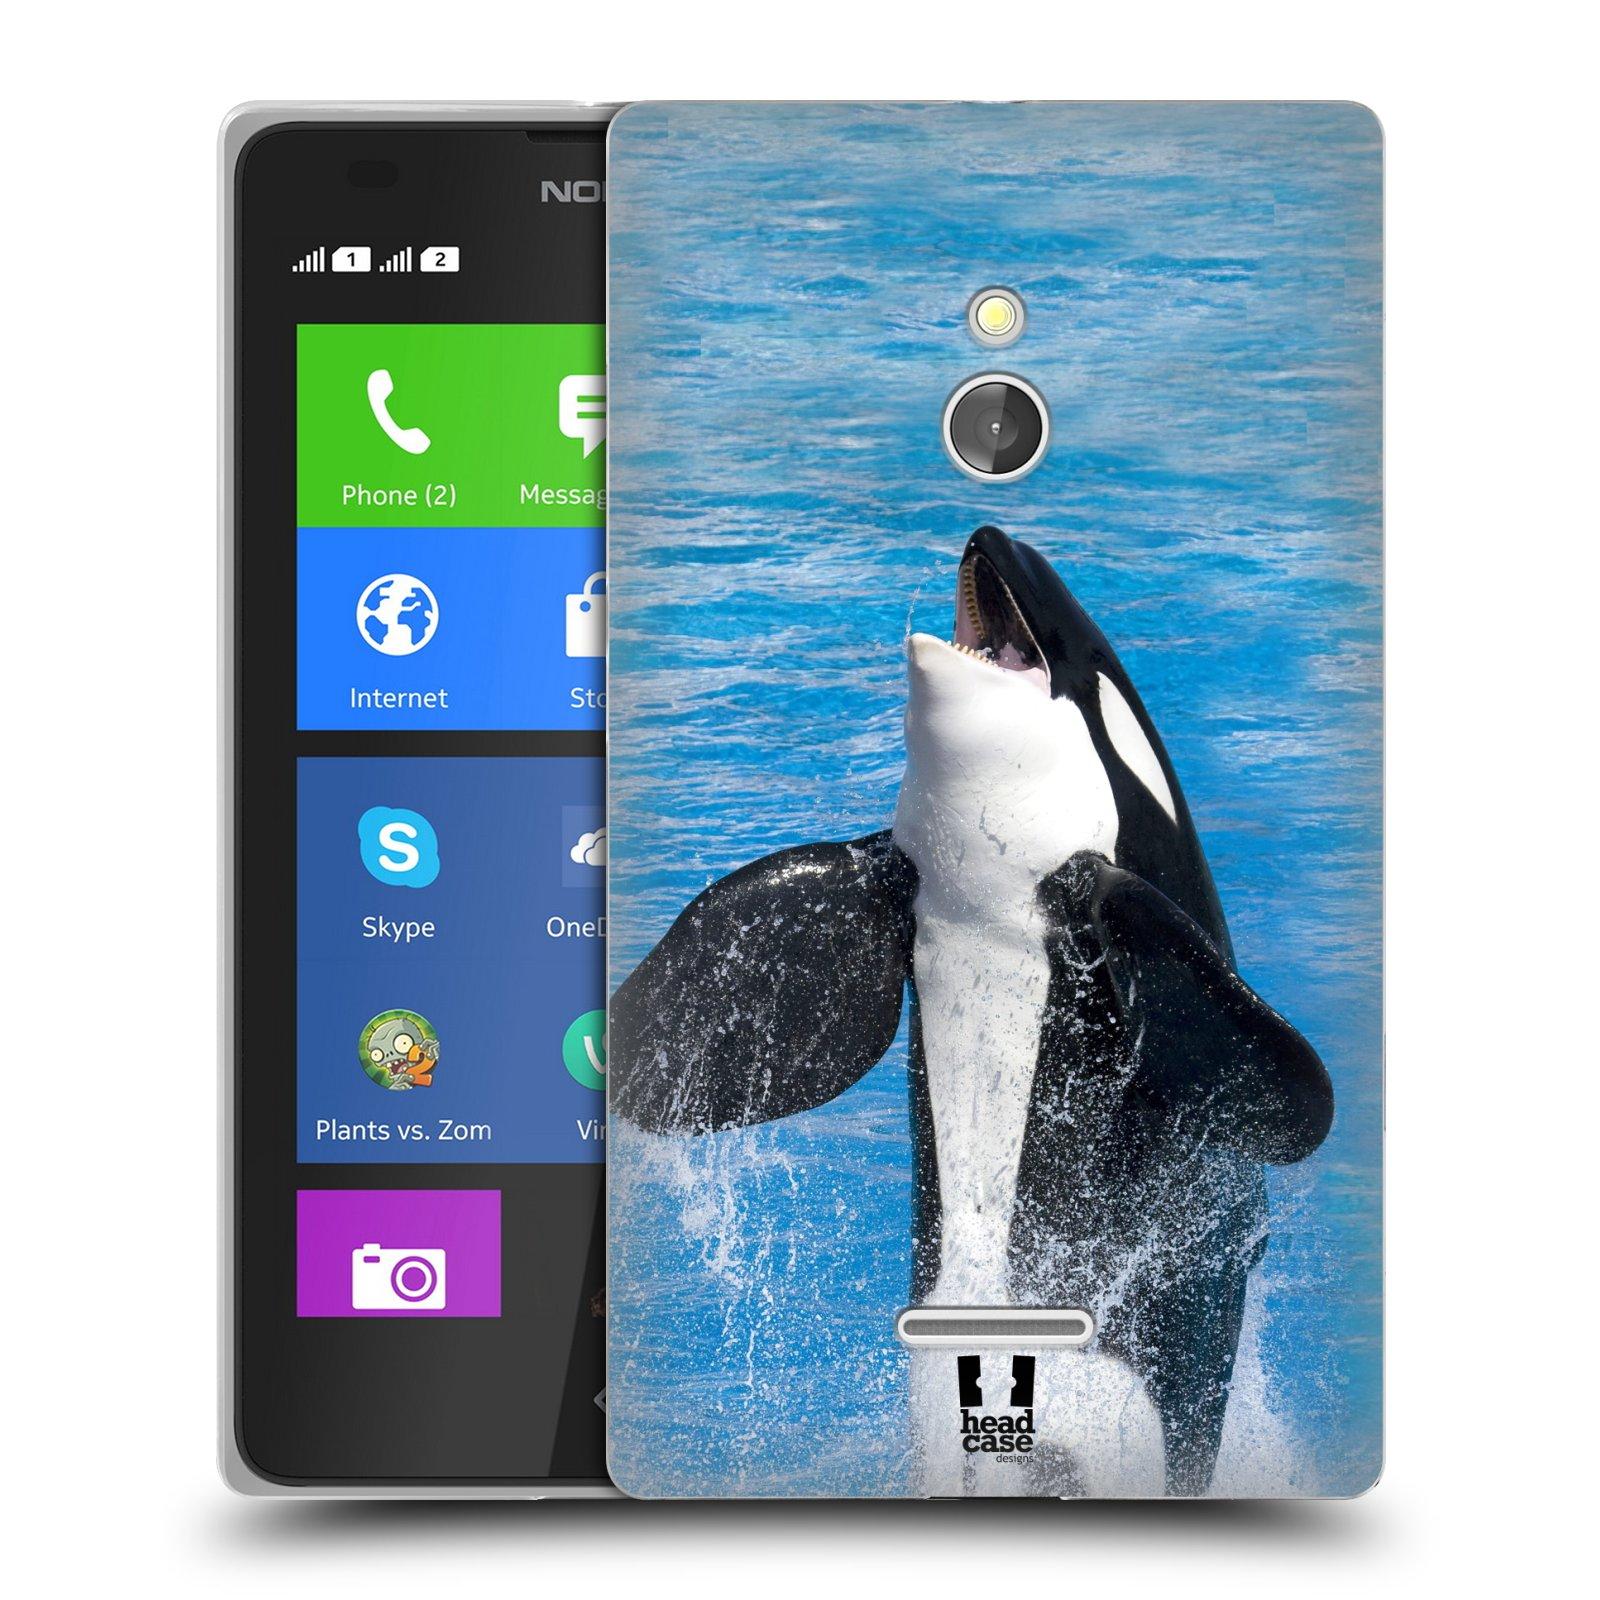 HEAD CASE silikonový obal na mobil NOKIA XL / NOKIA XL DUAL SIM vzor slavná zvířata foto velryba